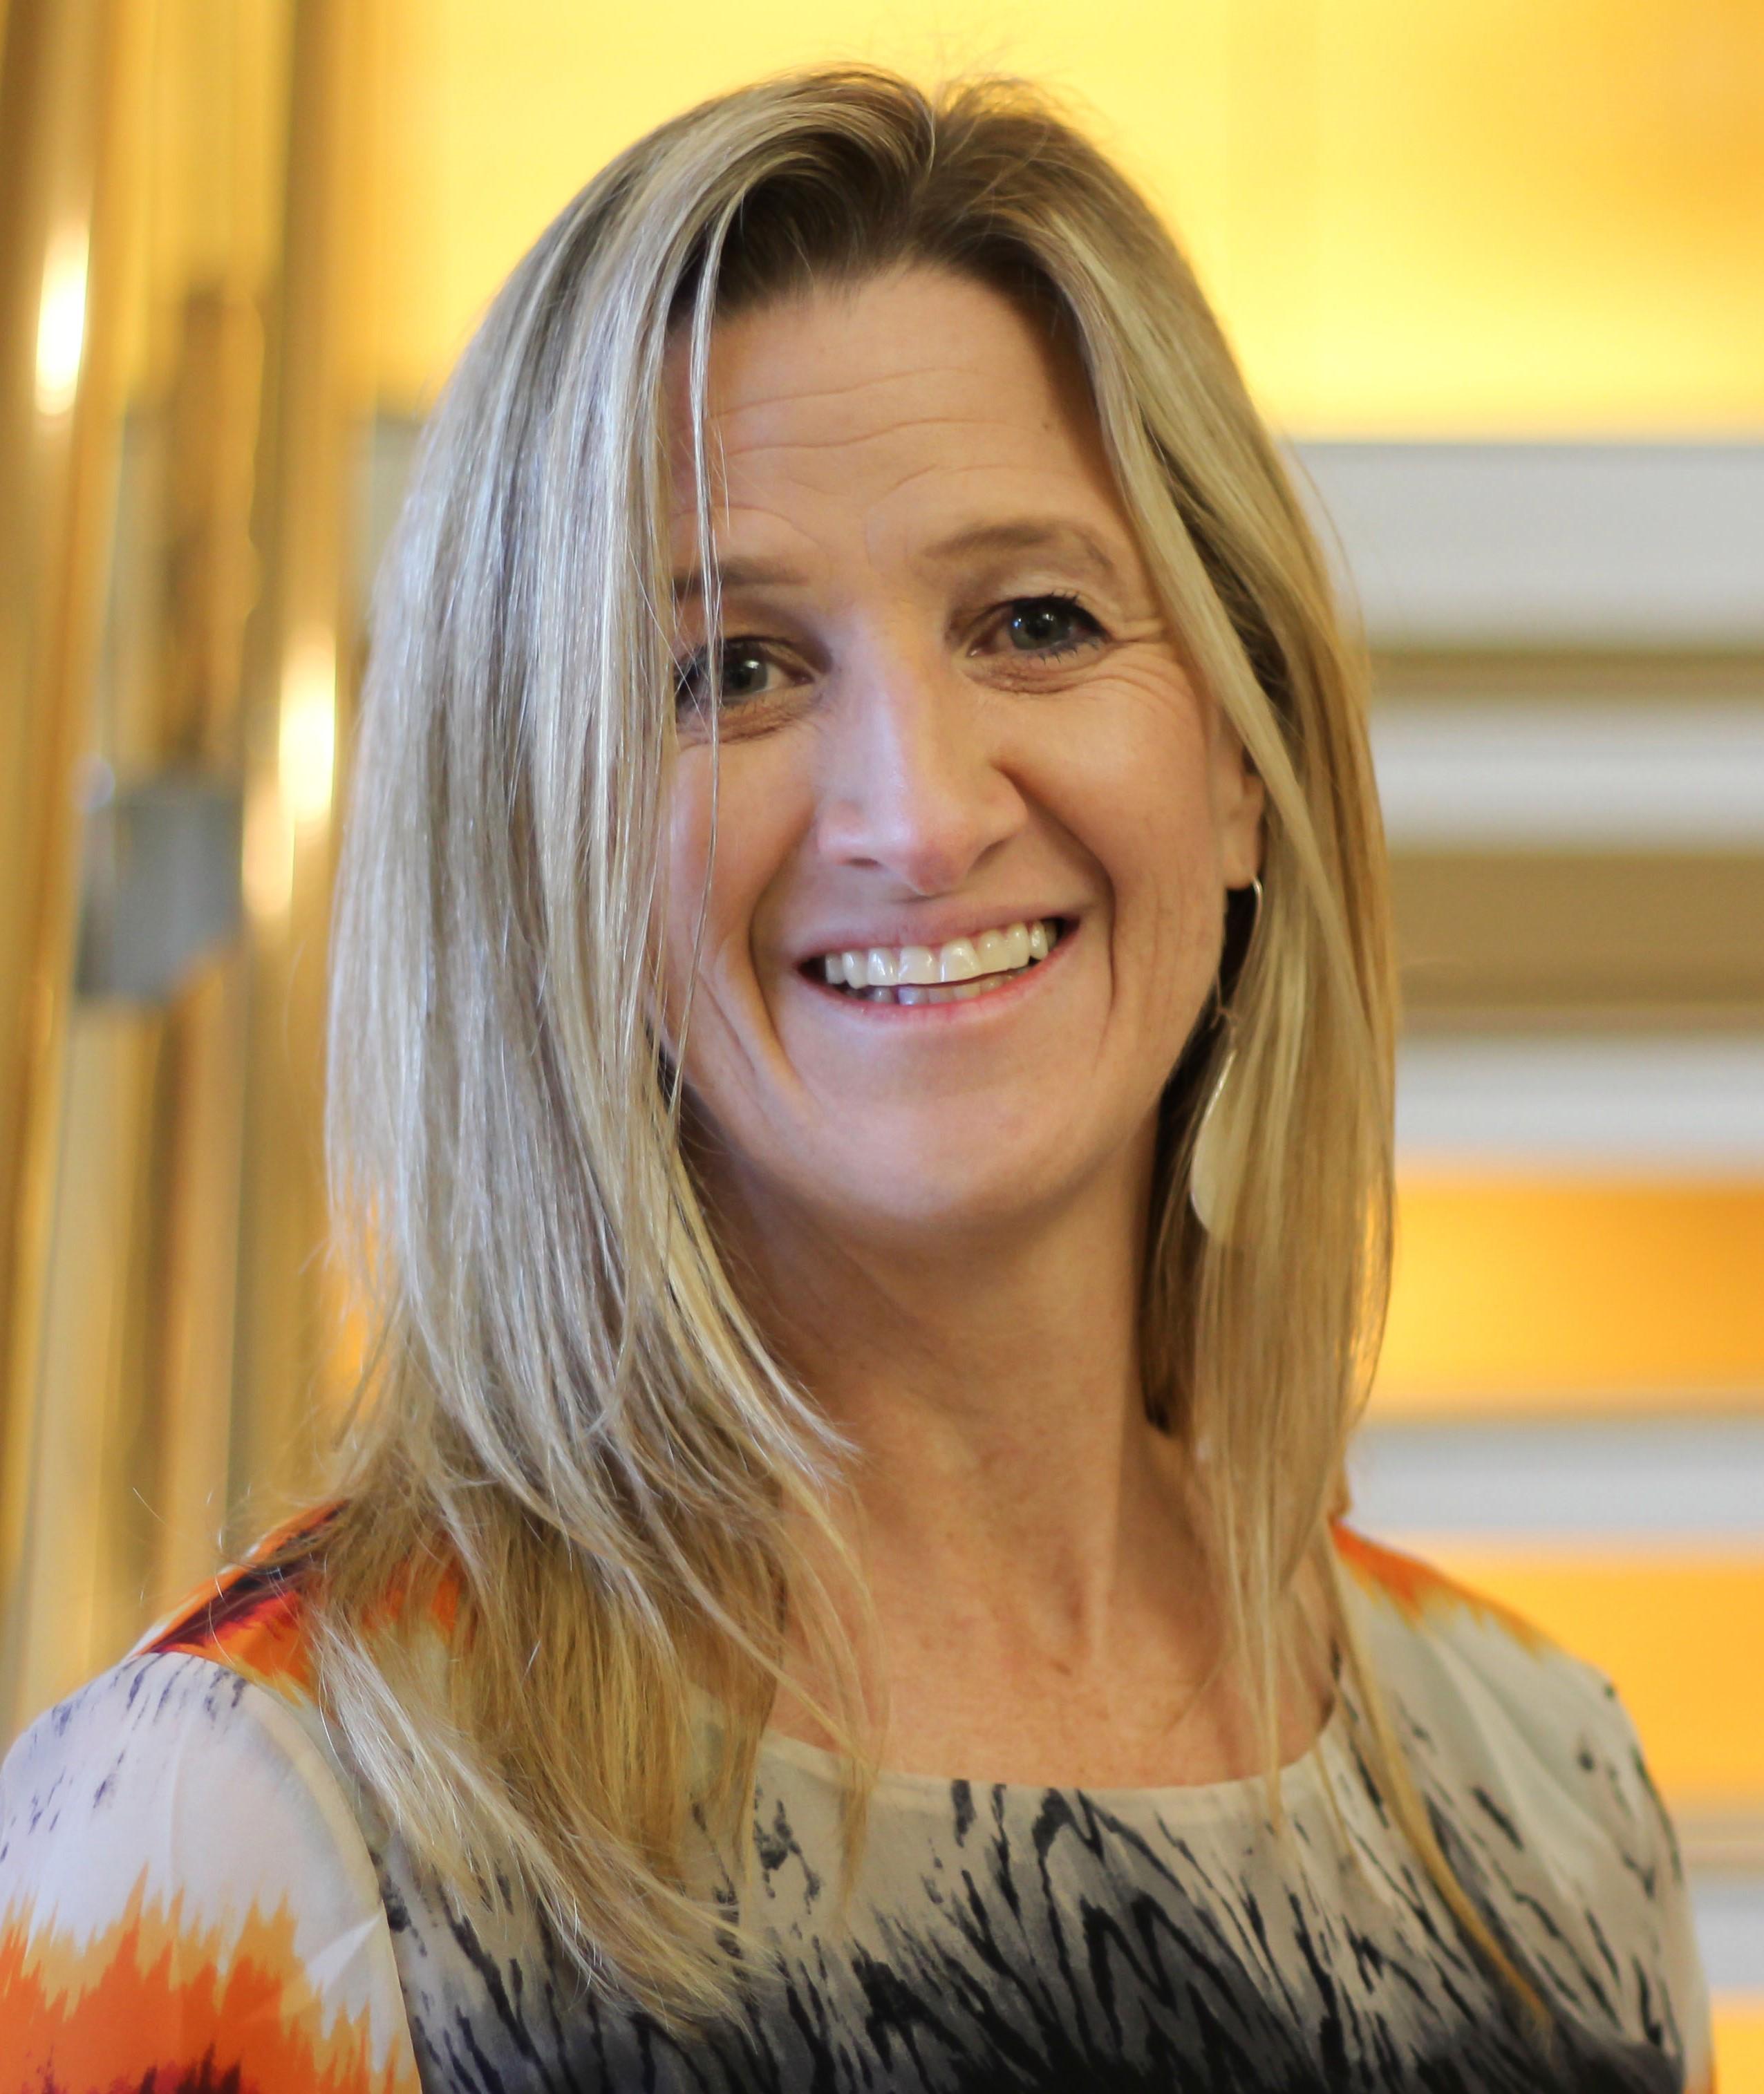 Clare Pitera